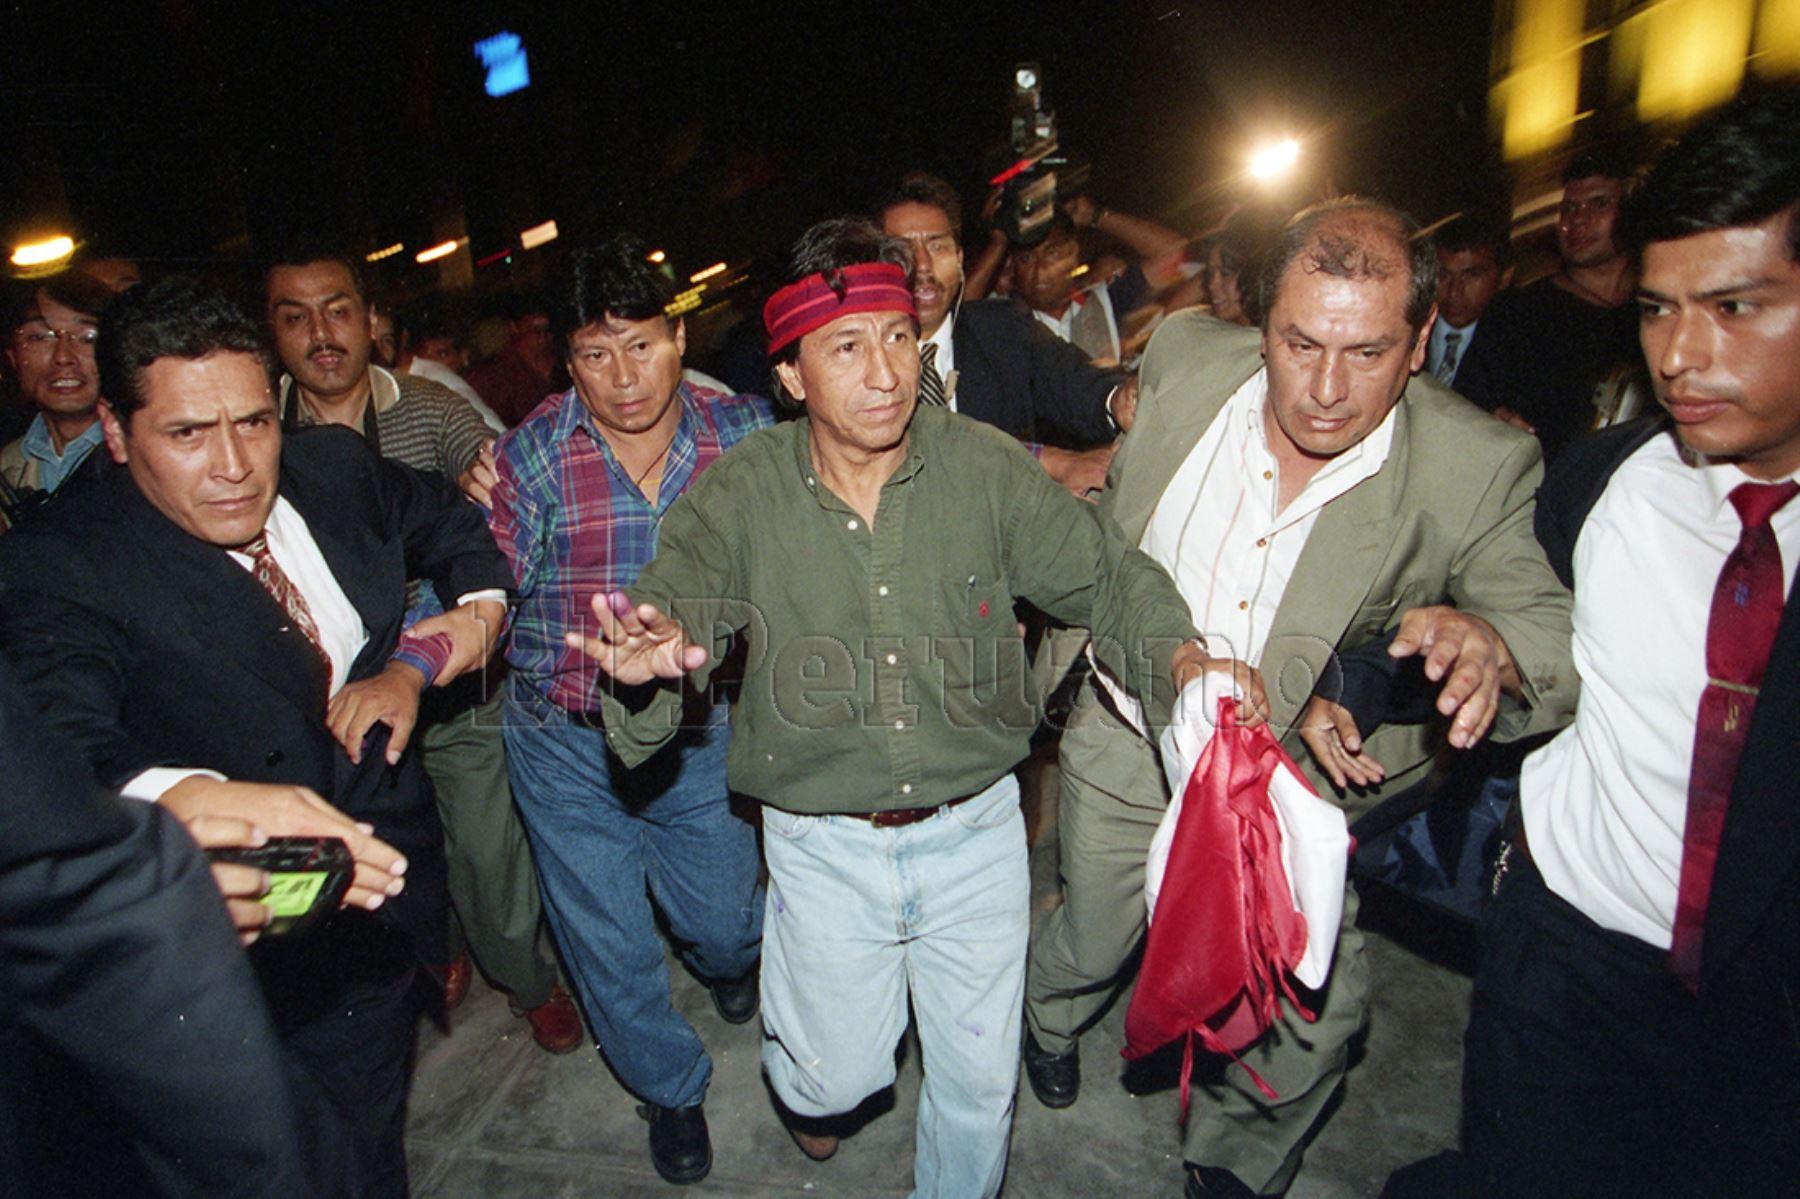 Lima - 9 abril 2000 / El candidato presidencial por Perú Posible, Alejandro Toledo, se apresta a dirigirse a sus simpatizantes en el Paseo de los Héroes Navales, luego de conocer los resultados de las elecciones generales.  Foto: Archivo Histórico de EL PERUANO